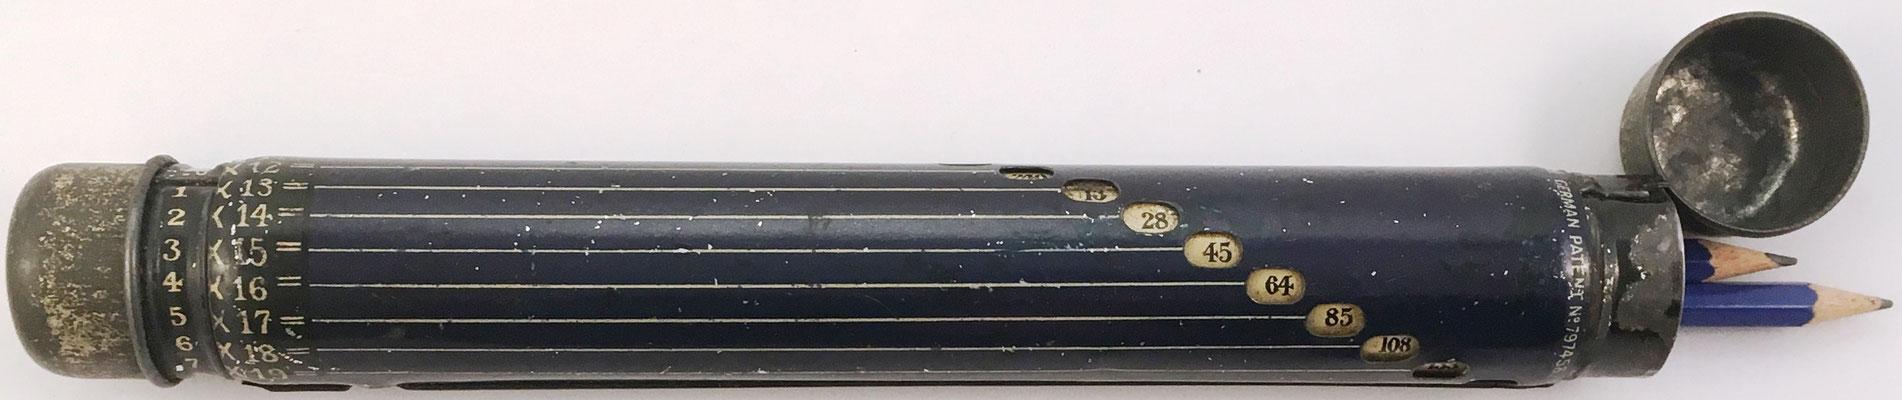 Patente británica nº 167699/21 y alemana nº 797458 del estuche Darnley, 23 cm largo x 3 cm diámetro